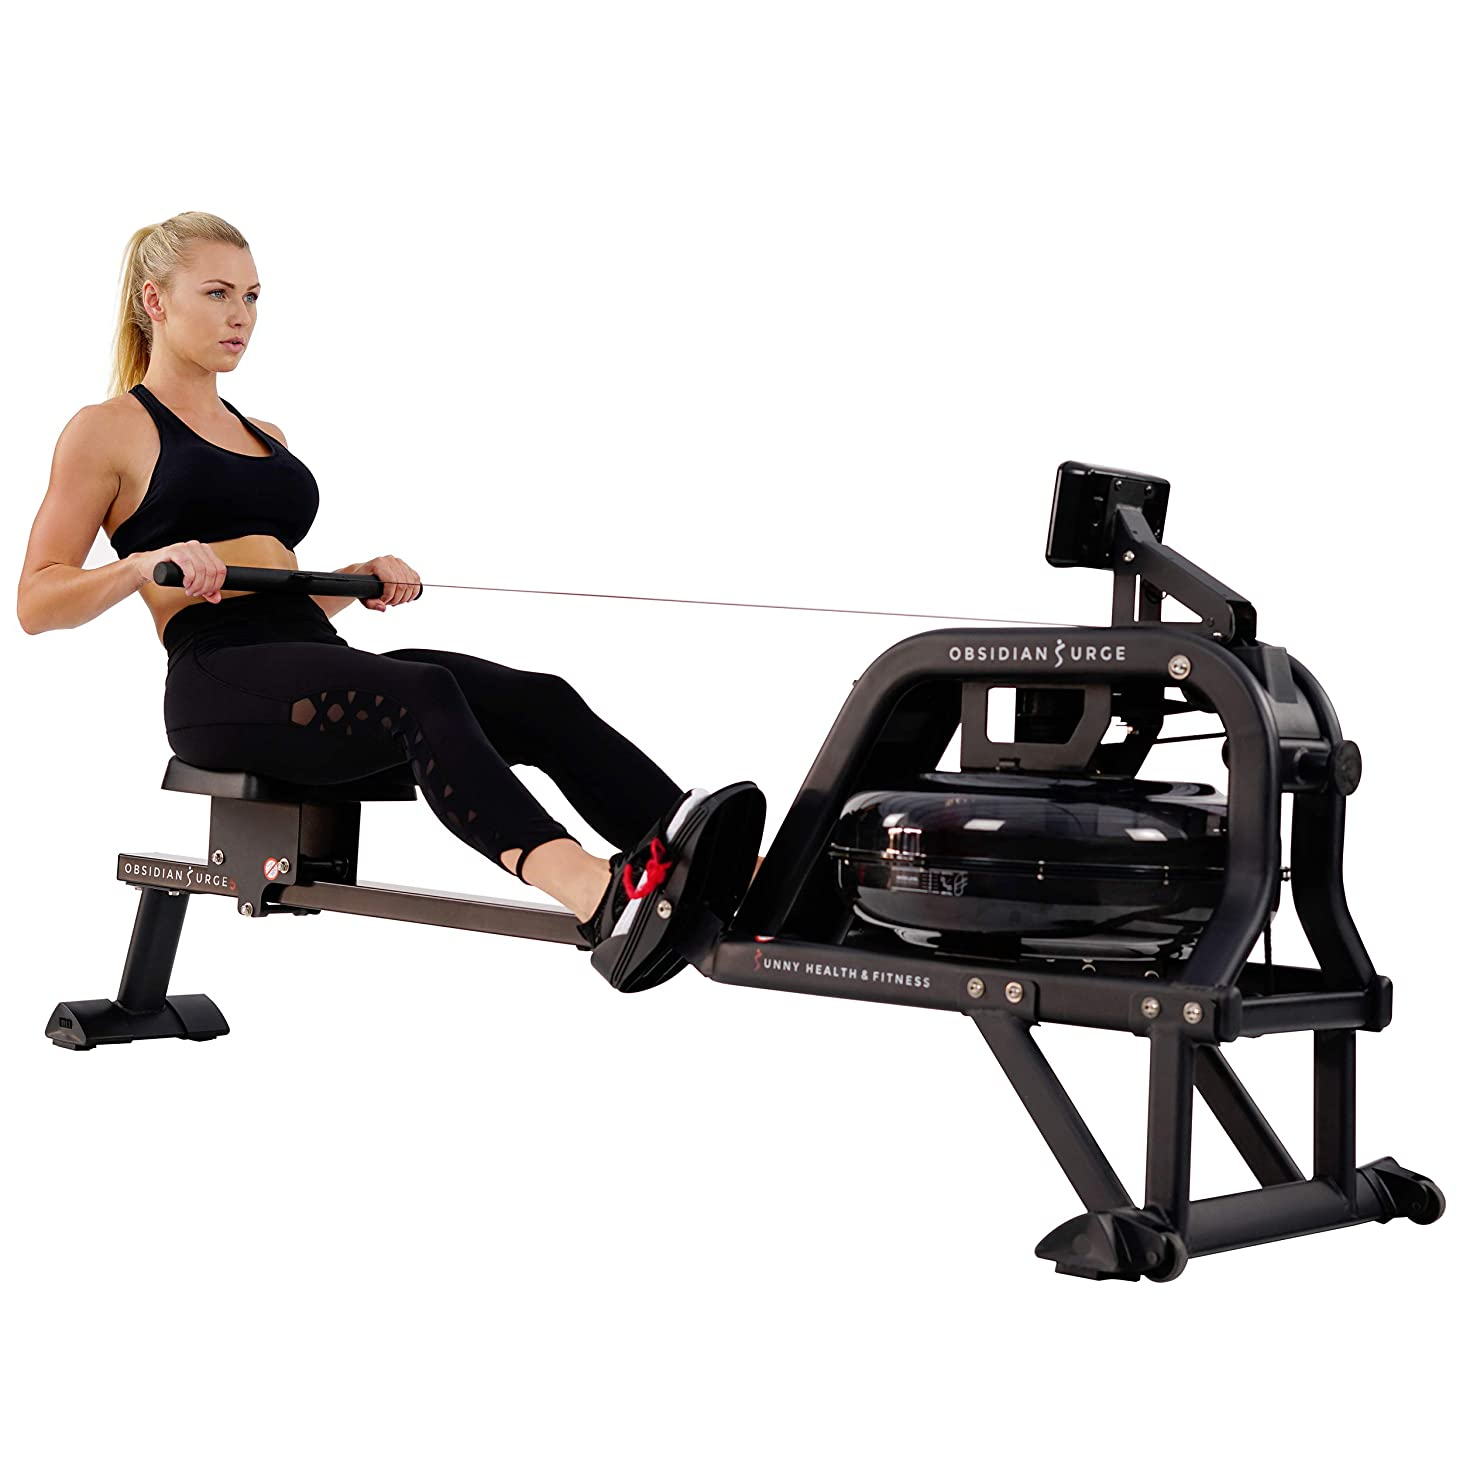 性差別皮肉な技術的なSunny Health & Fitness水RowingマシンRower W/LCDモニタ?–?Obsidian sf-rw5713